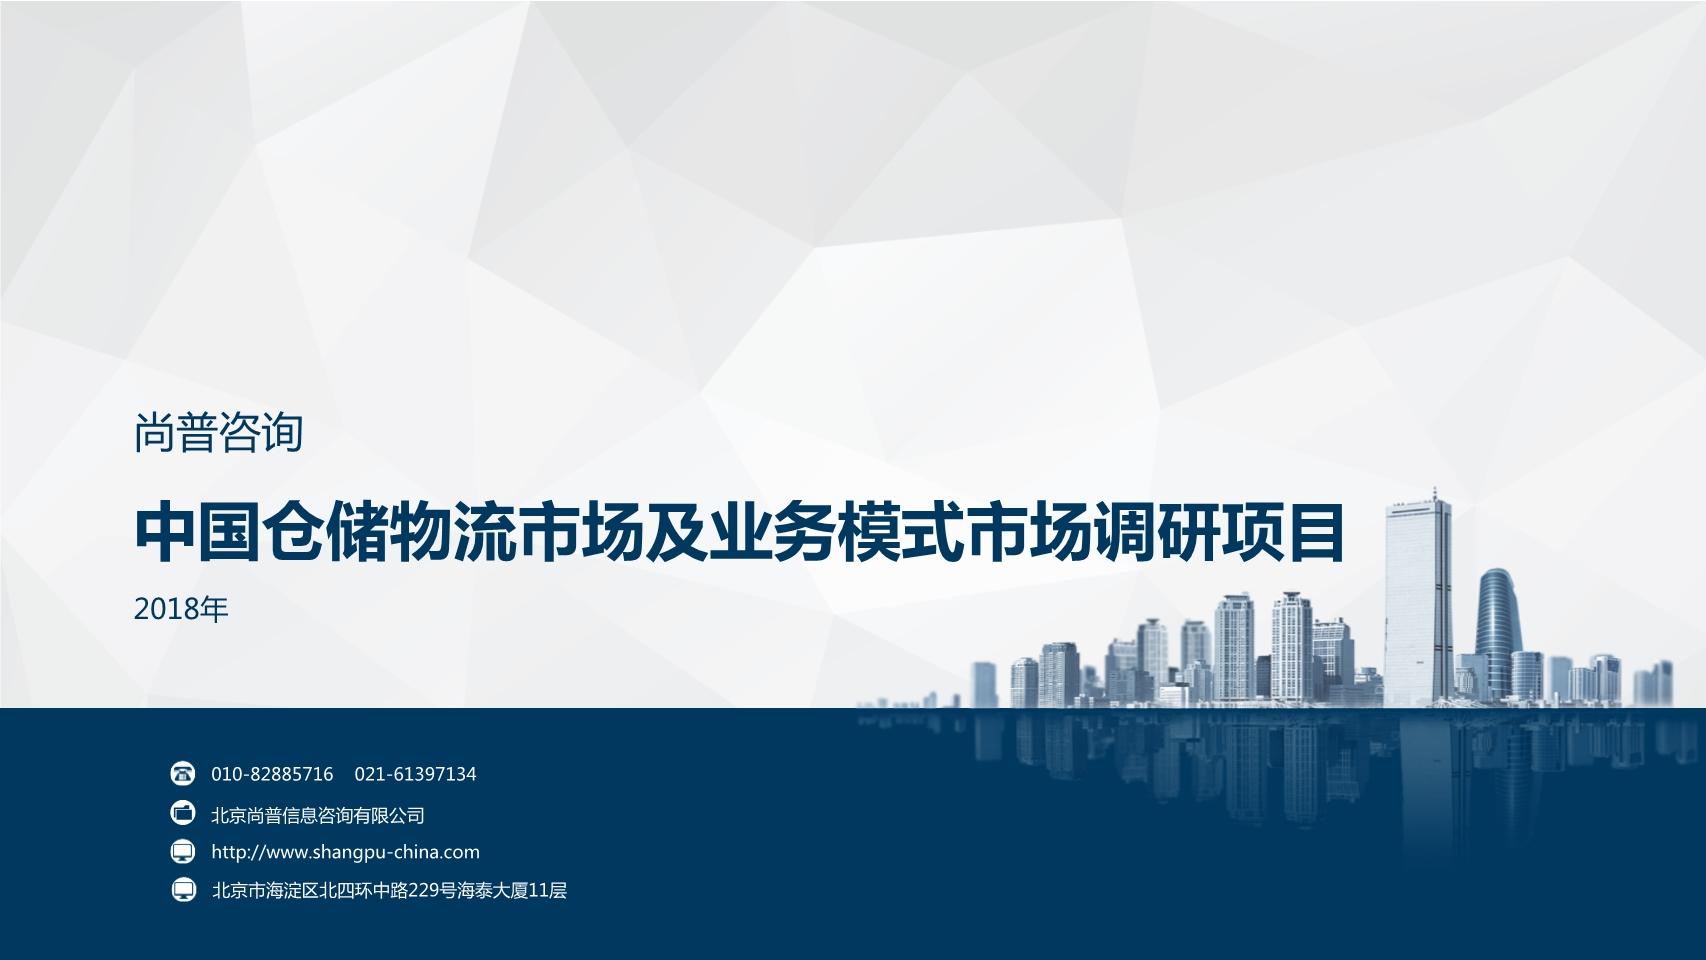 尚普咨询-中国仓储物流市场及业务模式市场调研